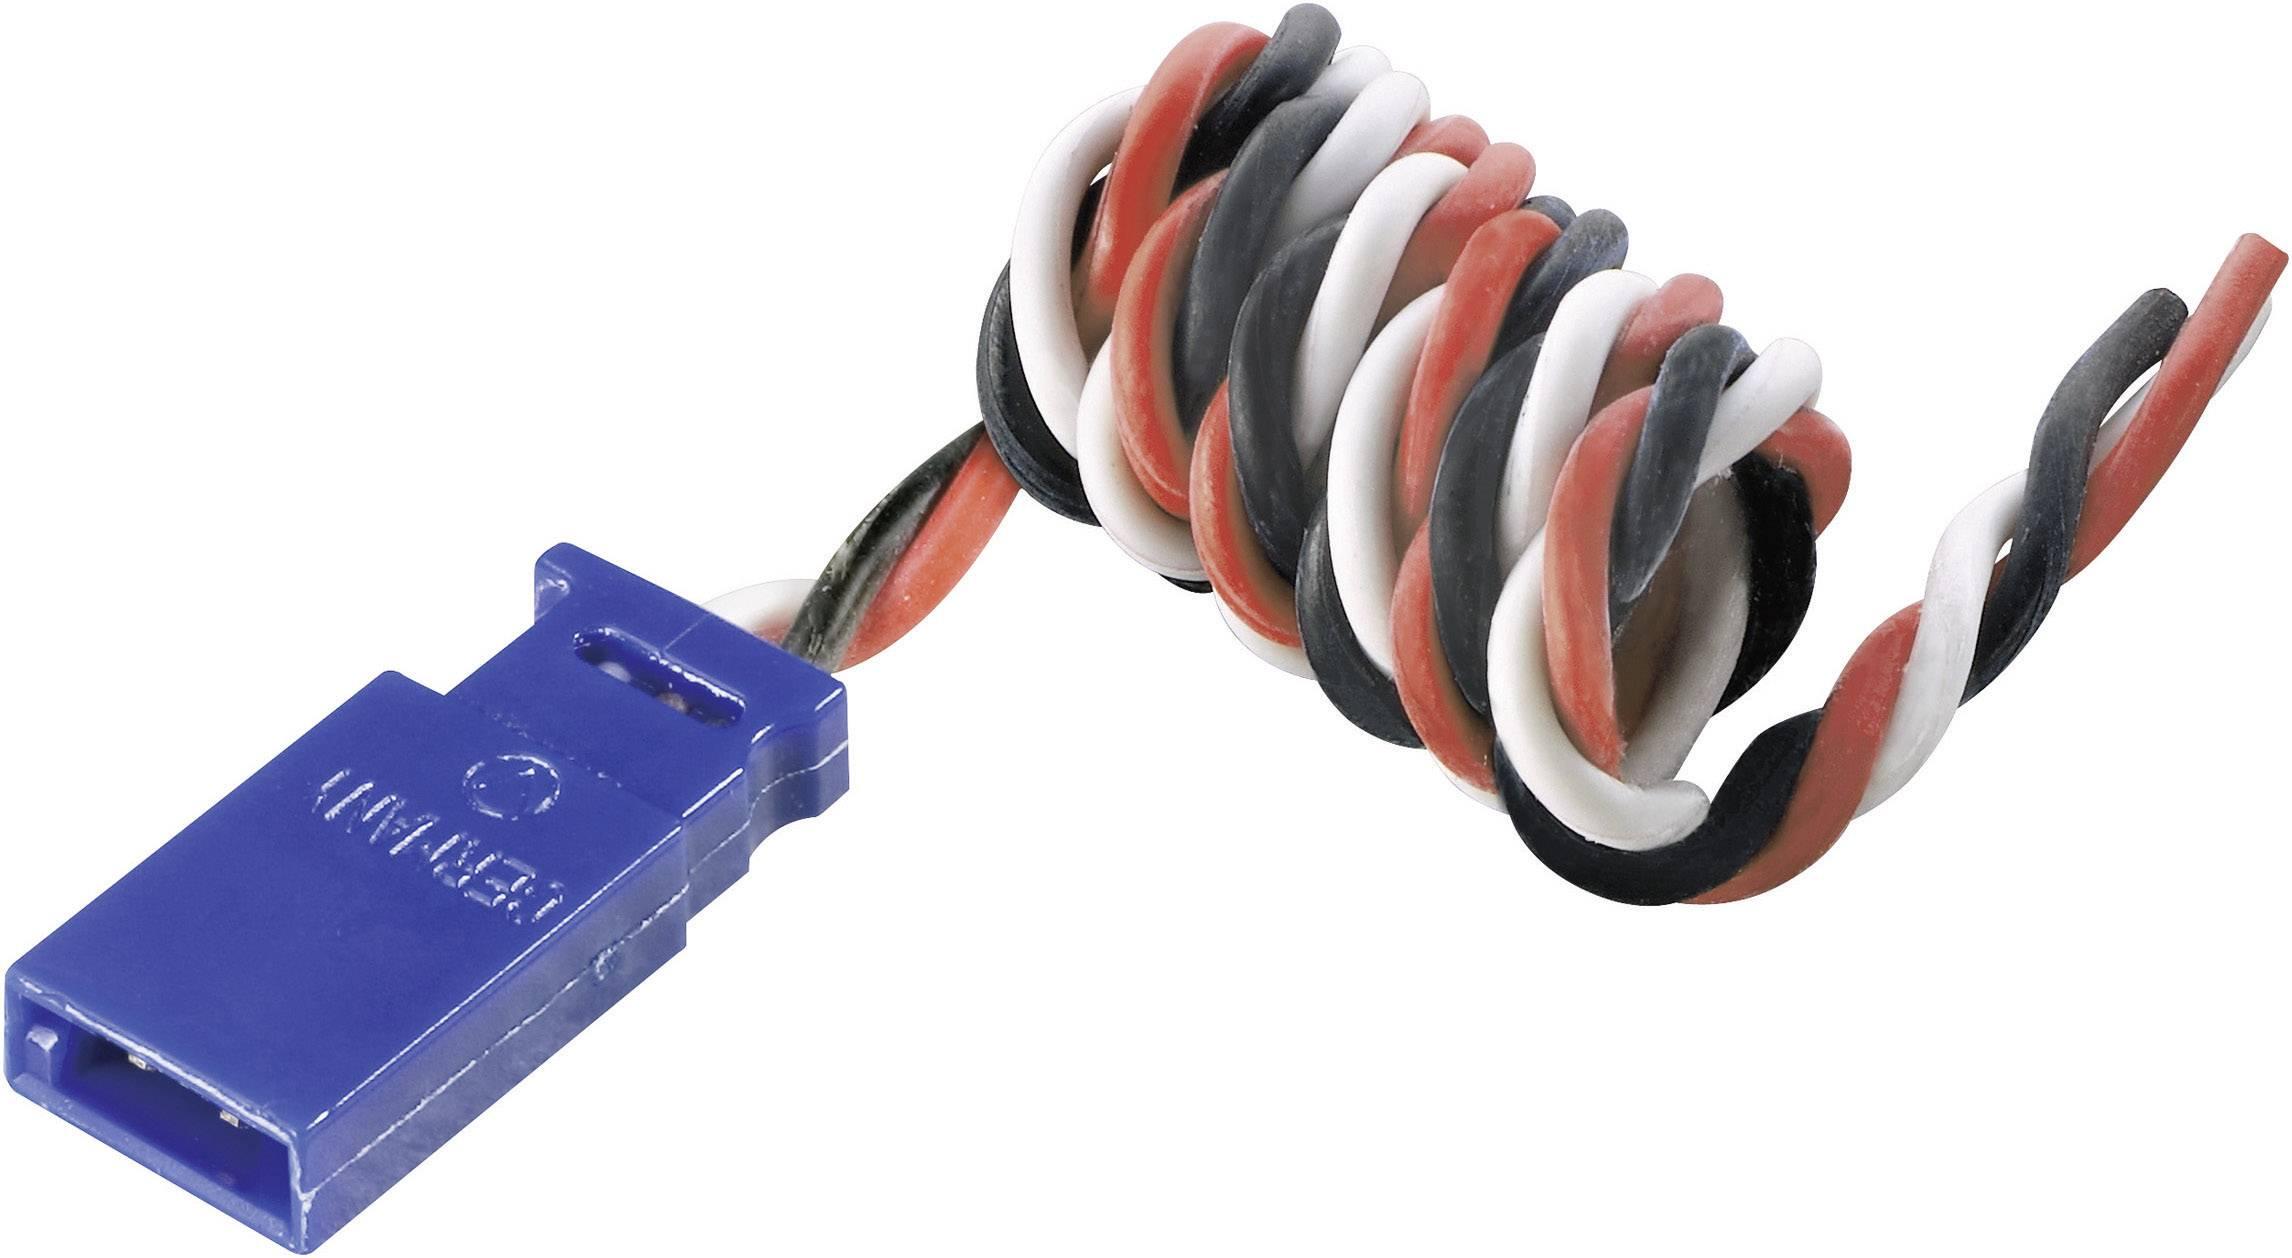 Prodlužovací kabel Modelcraft, konektor Futaba, 50 cm